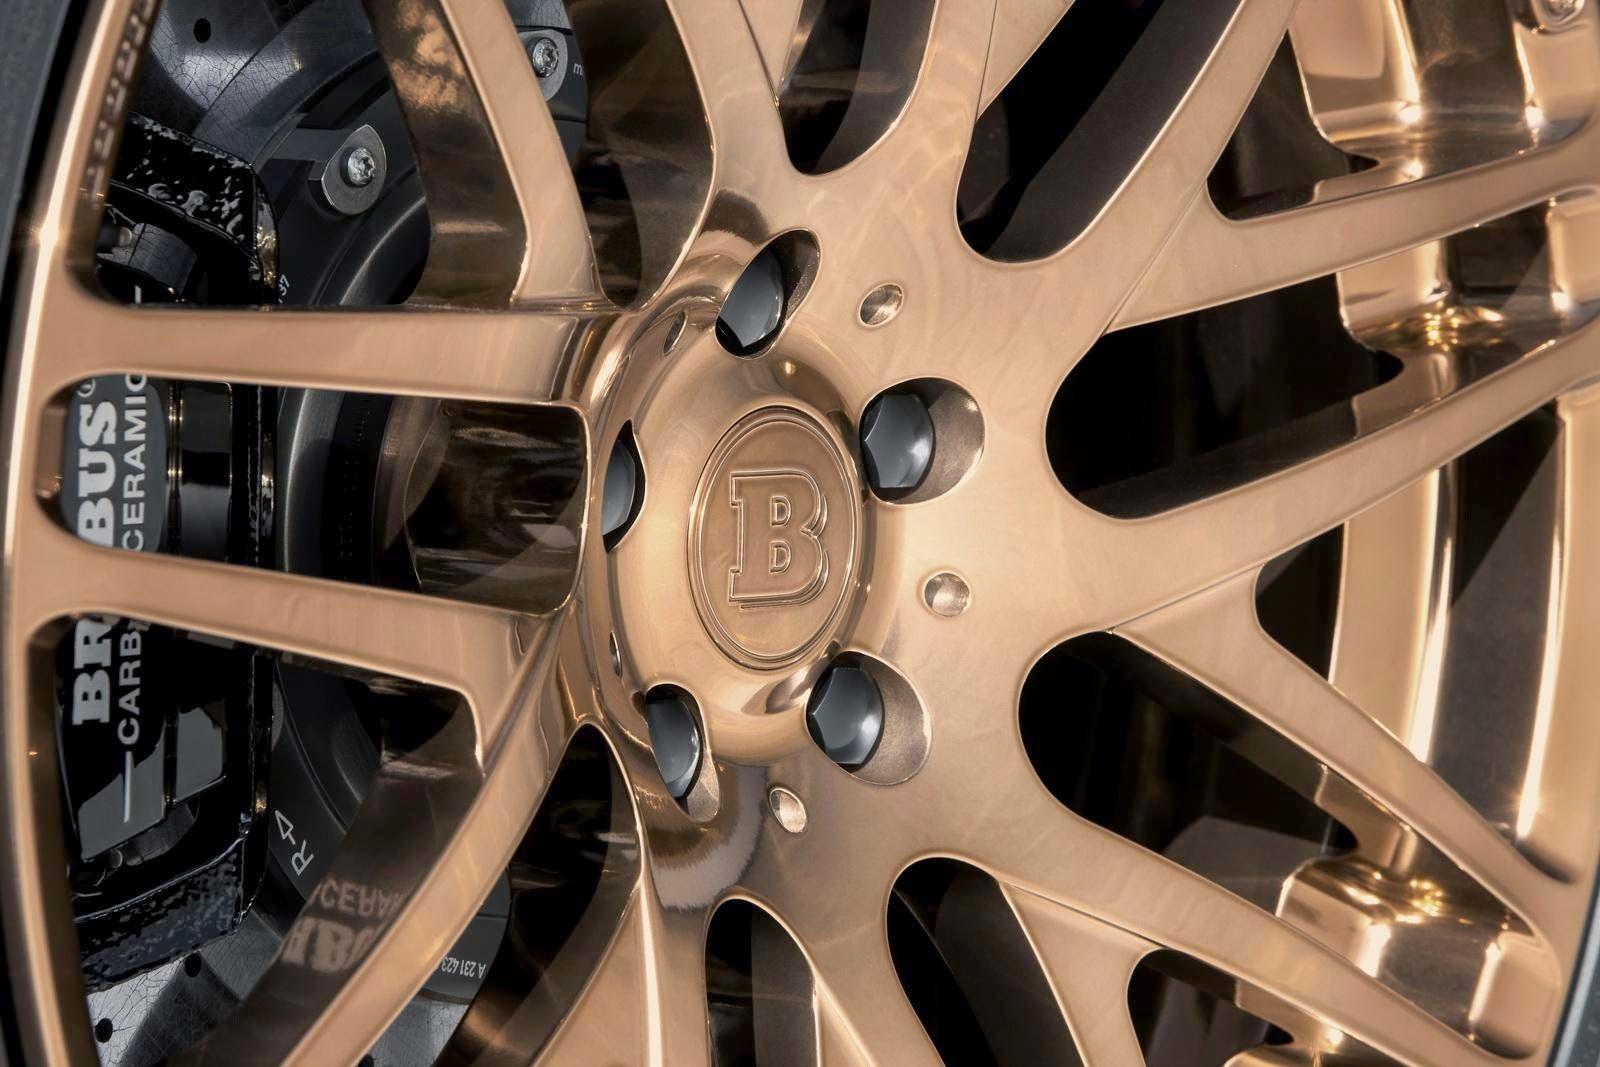 brabus ceramic brakes